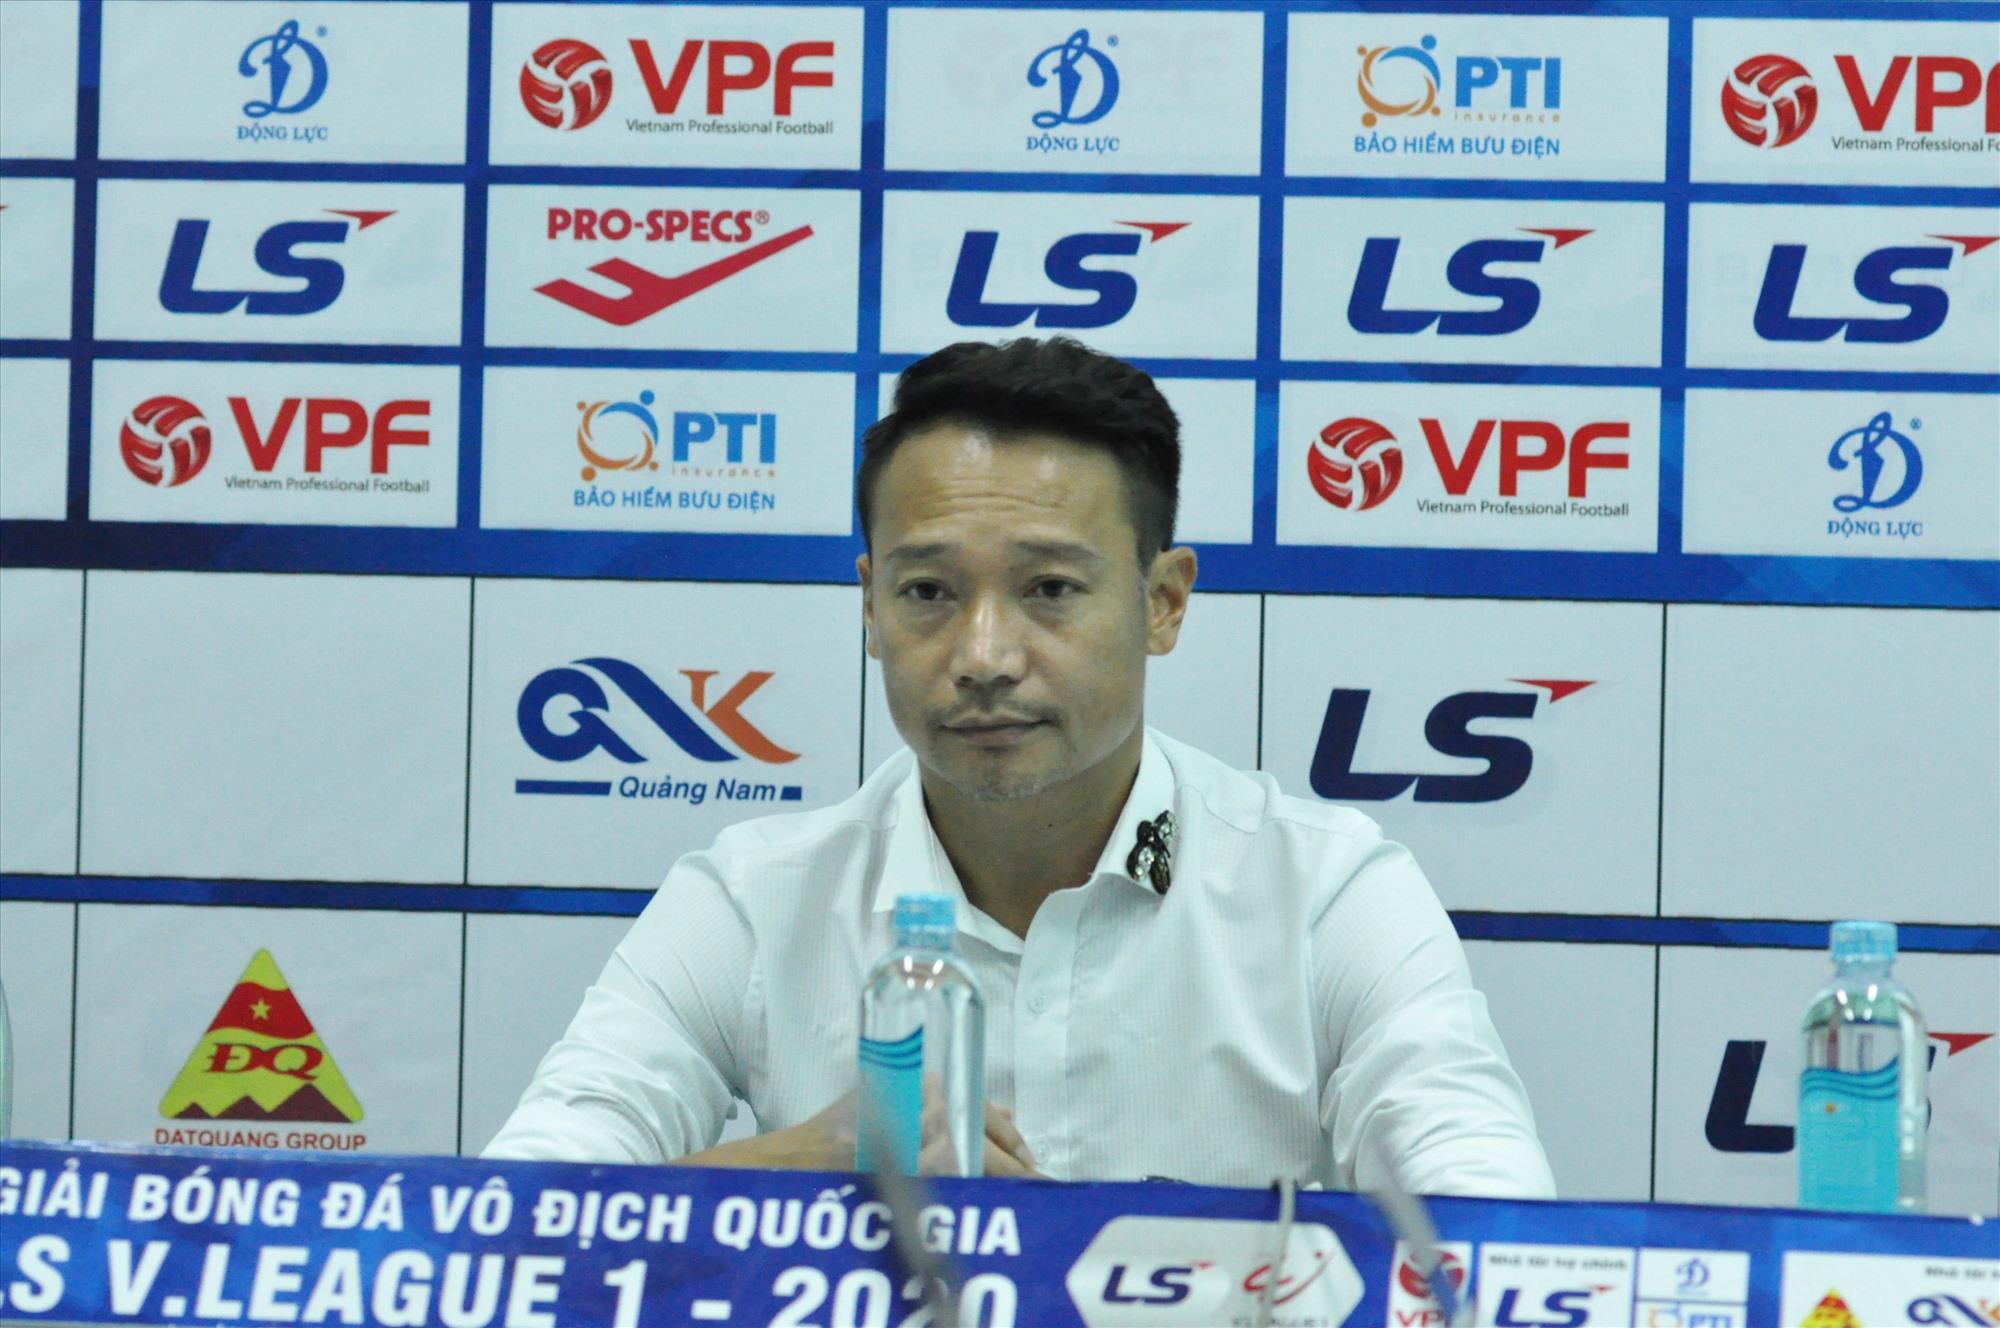 Hy vọng HLV Vũ Hồng Việt sẽ có đối sách hợp lý như đã từng thể hiện tại Hải Phòng mùa giải trước. Ảnh: A.S